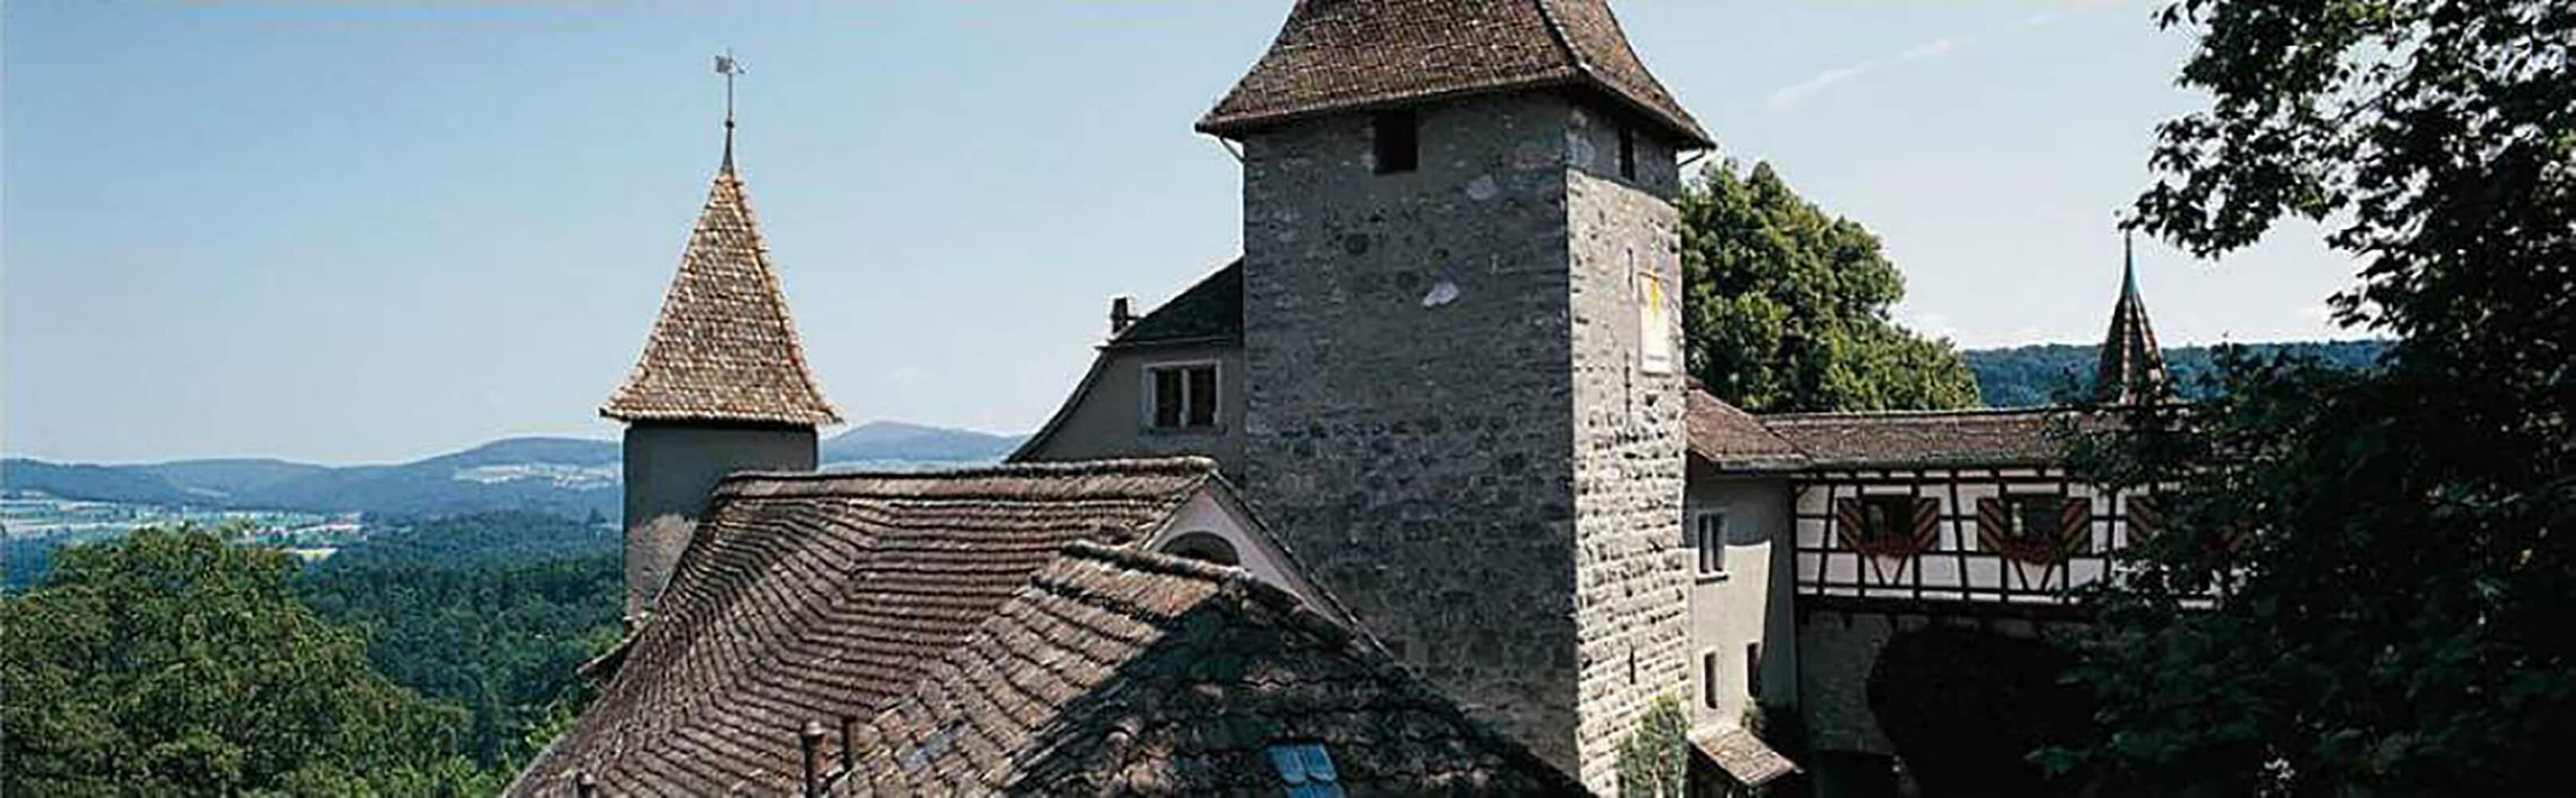 Museum Schloss Kyburg 1